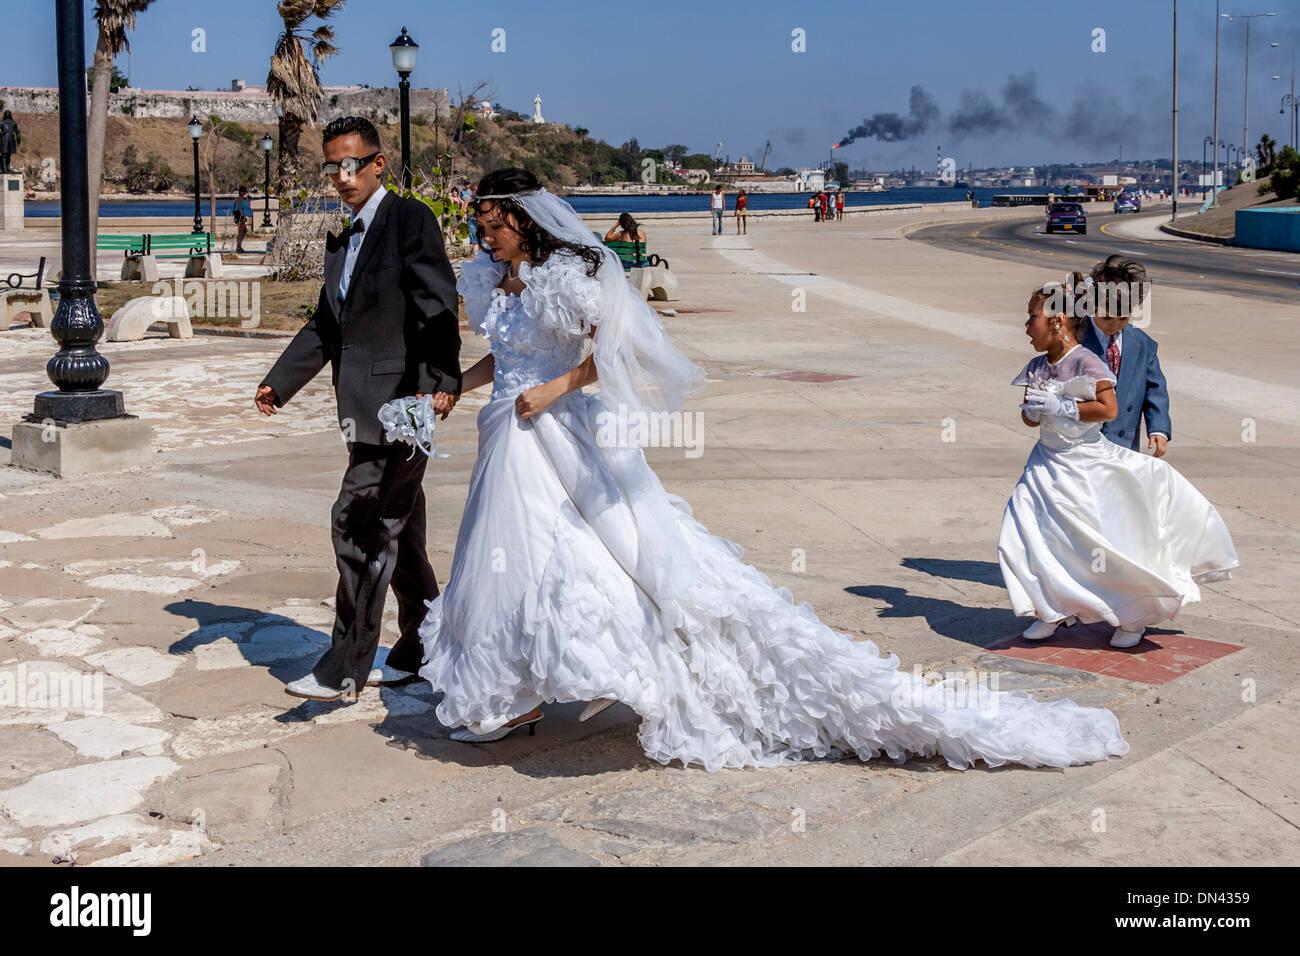 Cuban Wedding, Havana, Cuba Stock Photo: 64629189 - Alamy